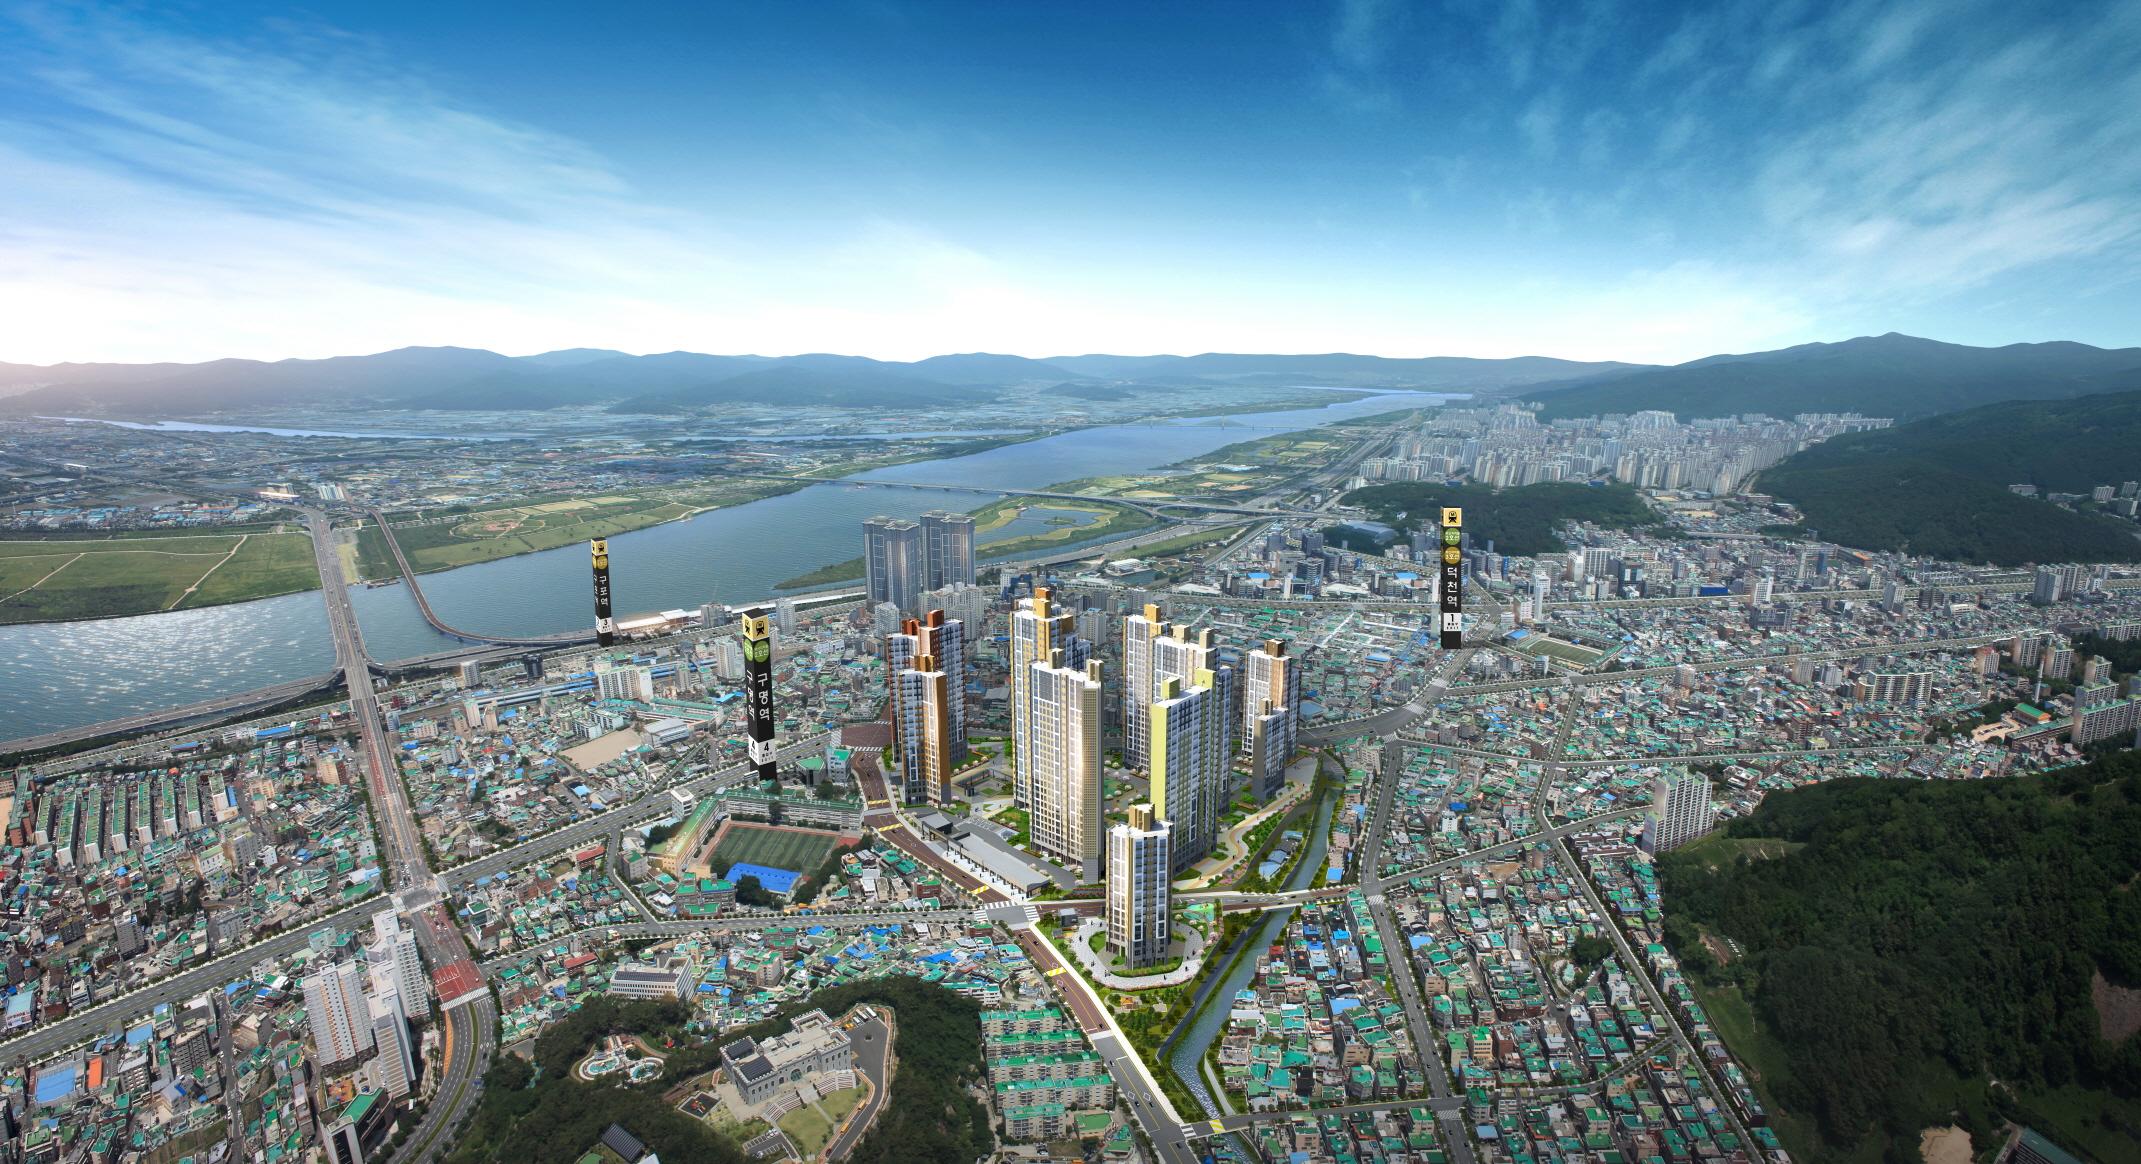 부산 비조정대상지역 새 아파트 '귀한 몸'.. 반도건설 '신구포 반도유보라'